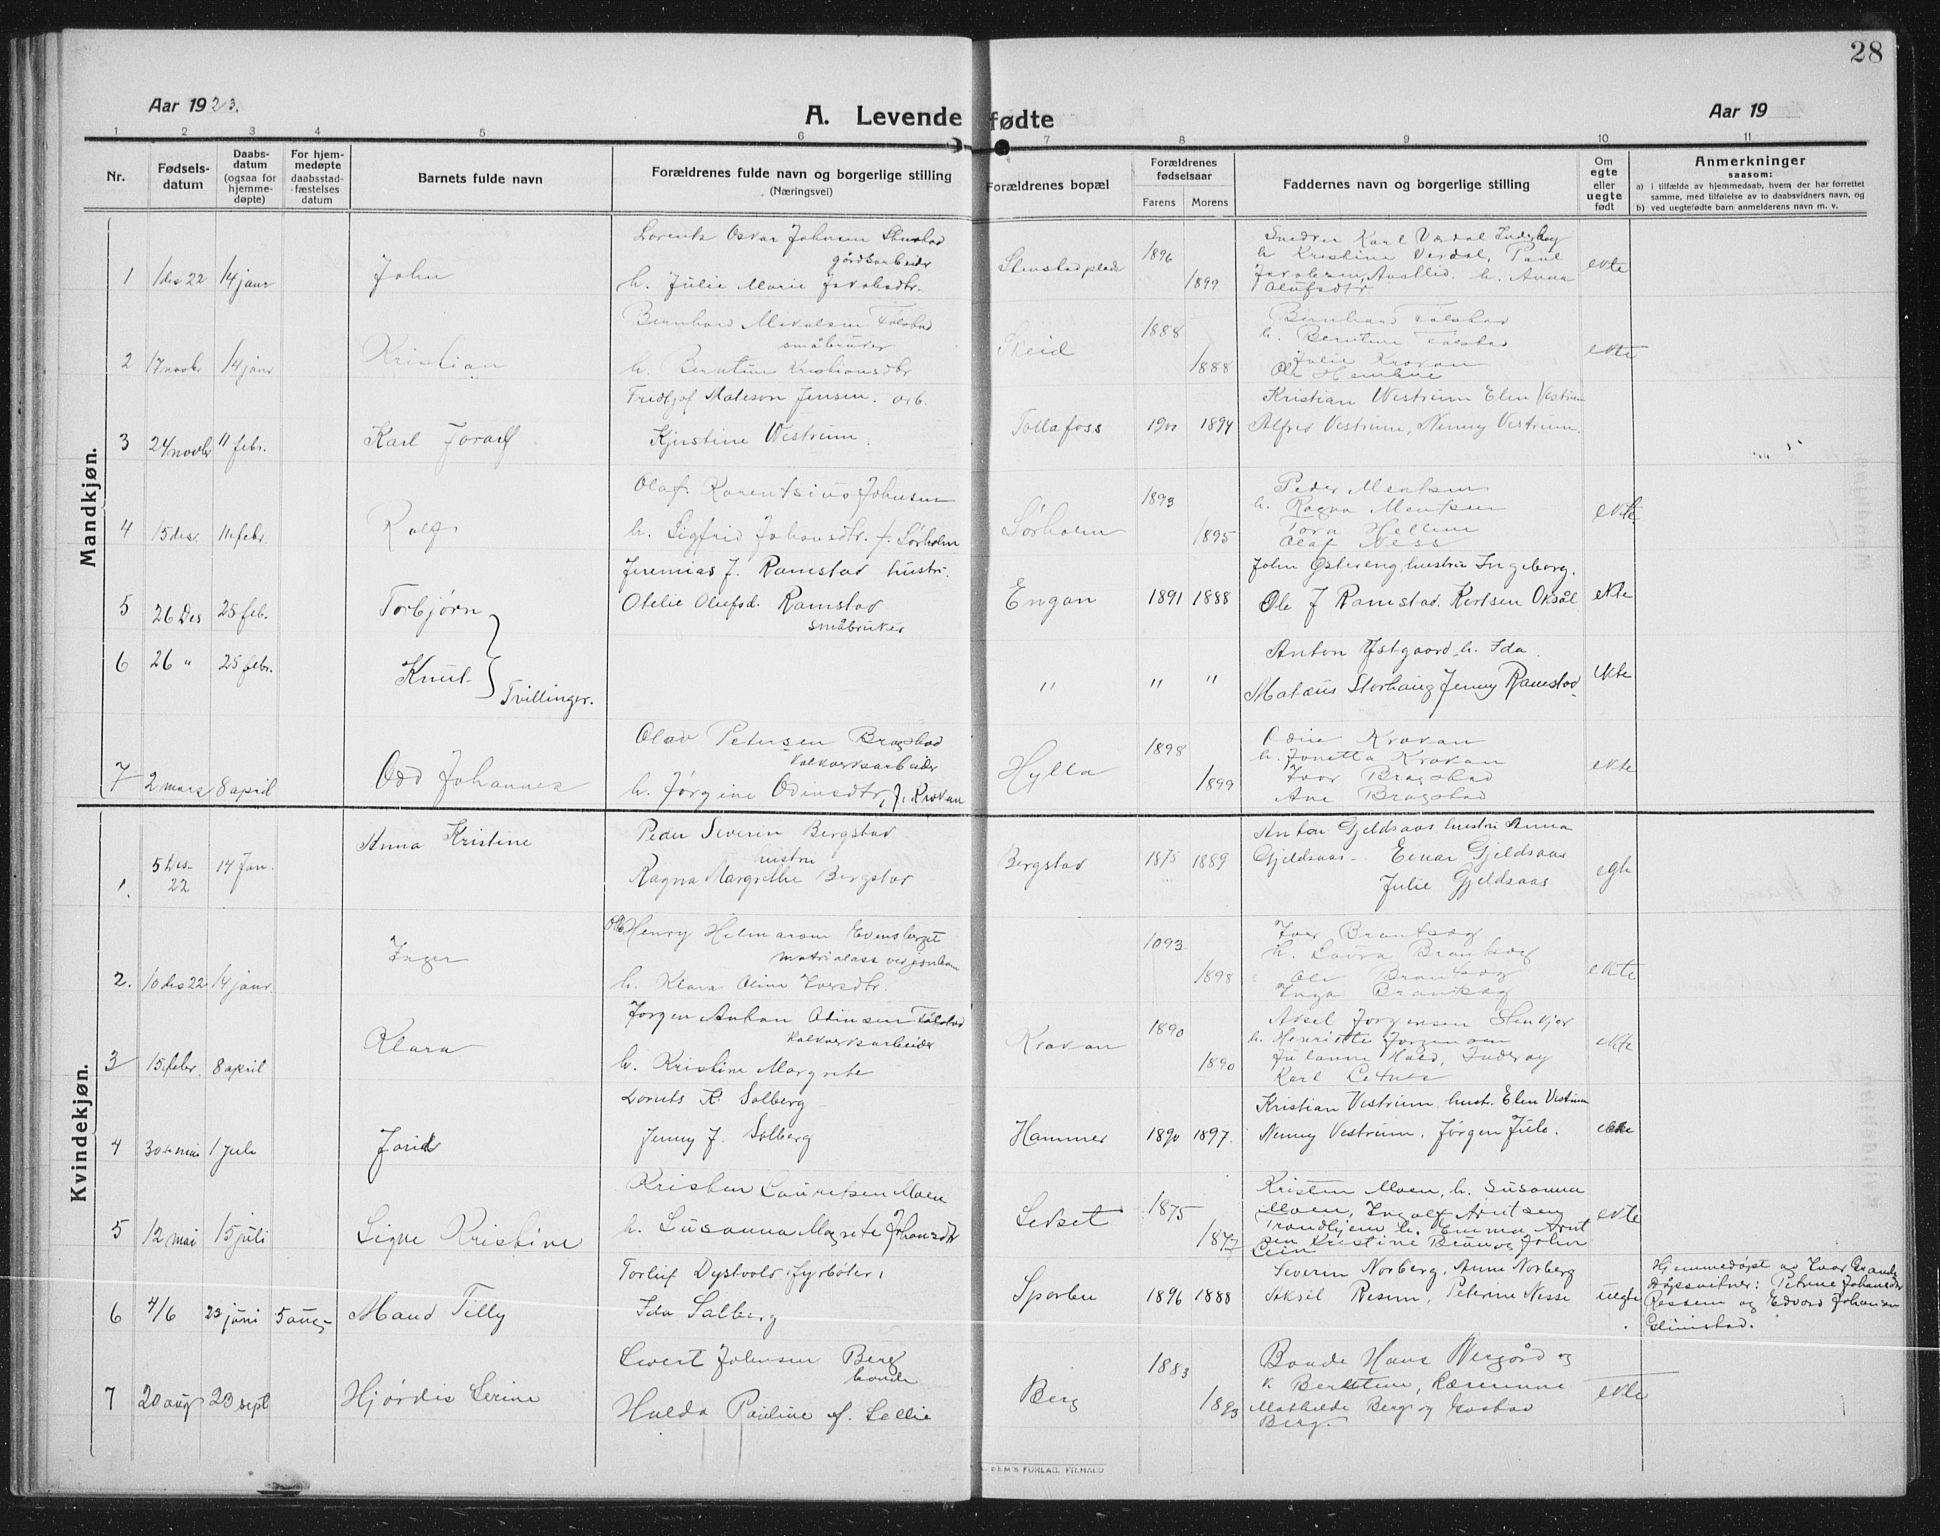 SAT, Ministerialprotokoller, klokkerbøker og fødselsregistre - Nord-Trøndelag, 731/L0312: Klokkerbok nr. 731C03, 1911-1935, s. 28